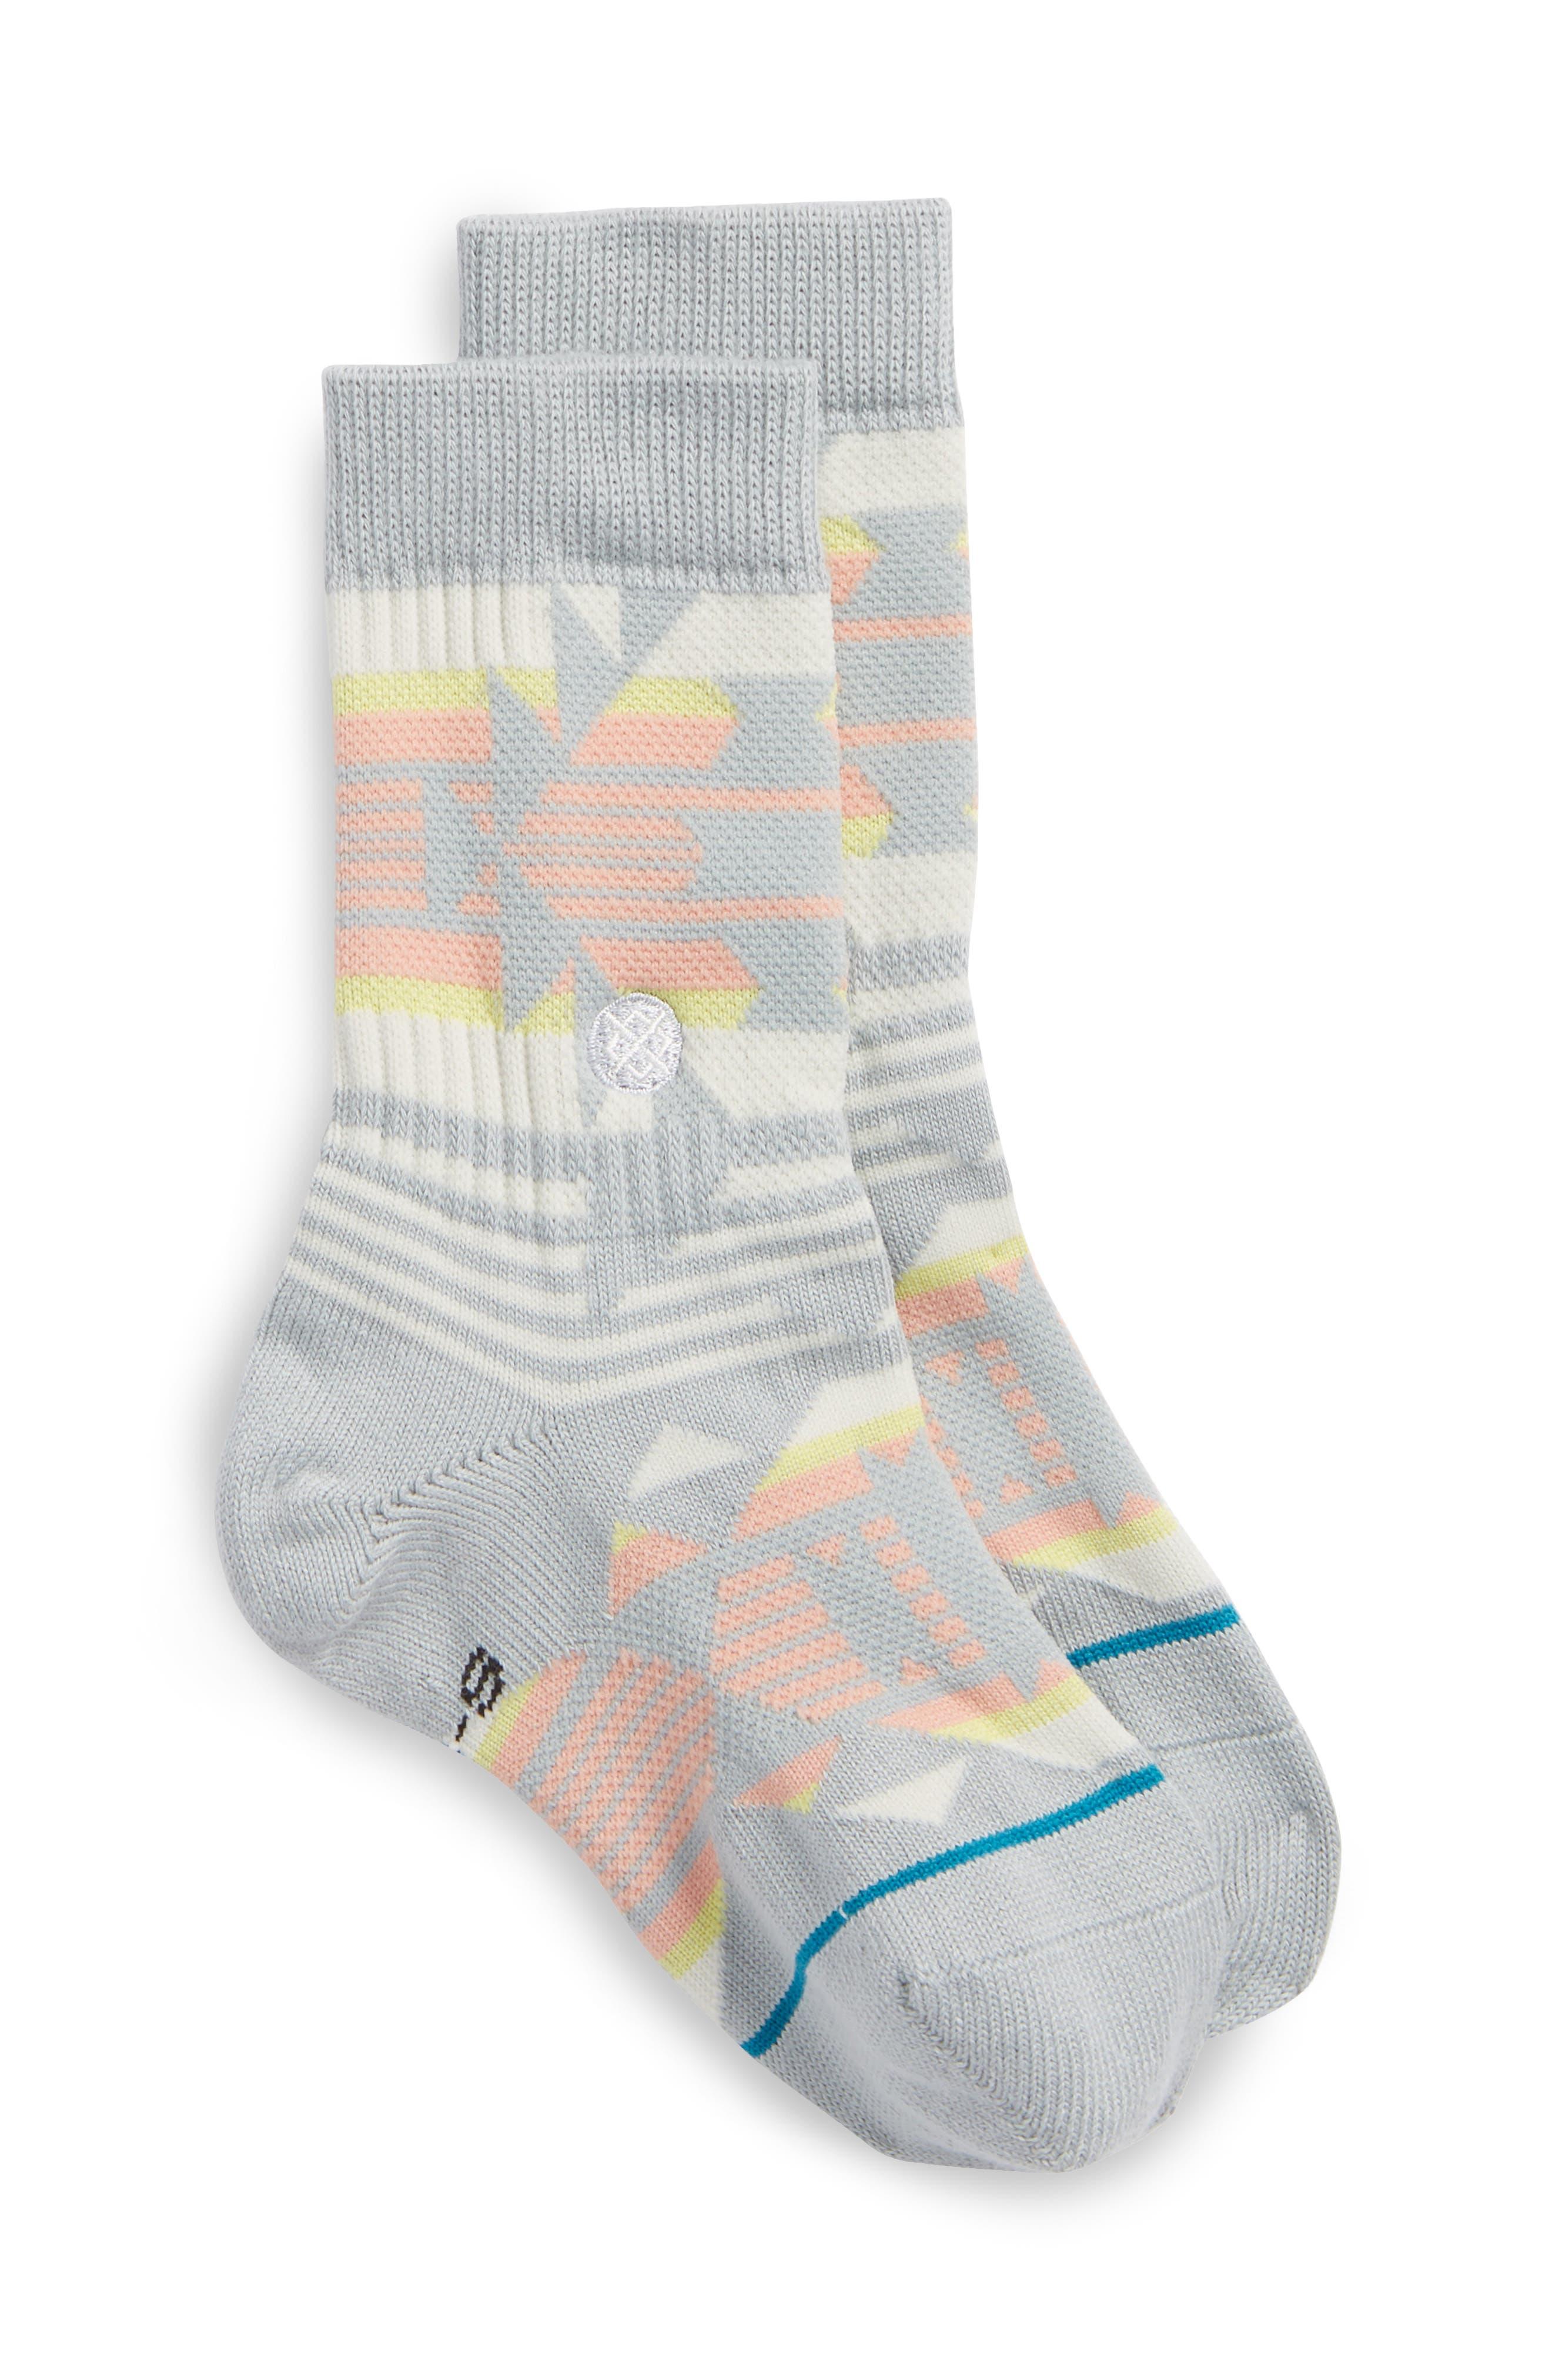 Fibbo Socks,                             Main thumbnail 1, color,                             Multi